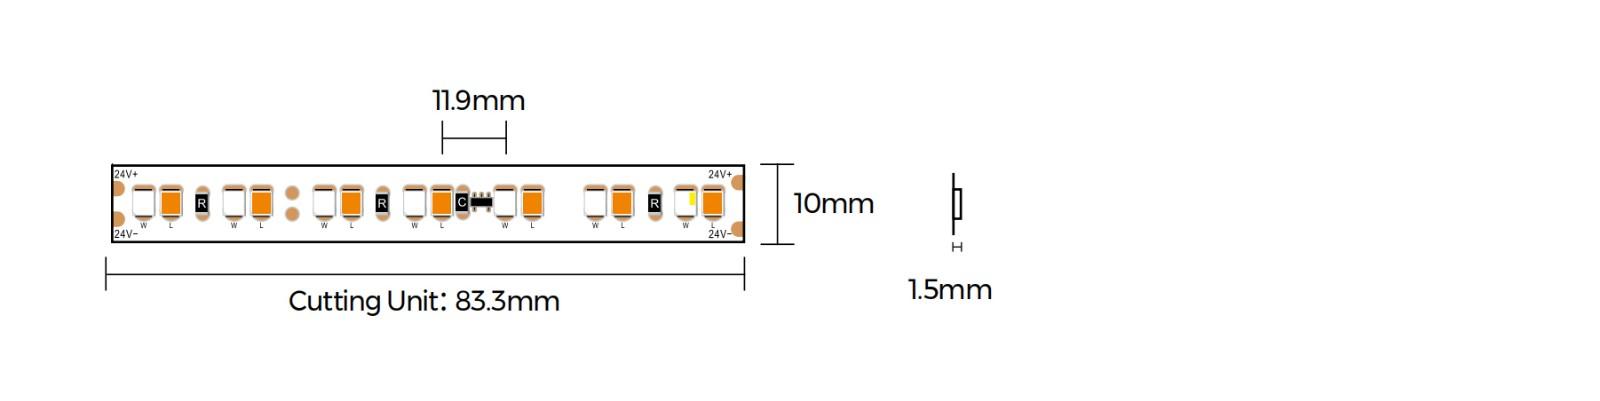 DS8168GWWW-24V-10mm